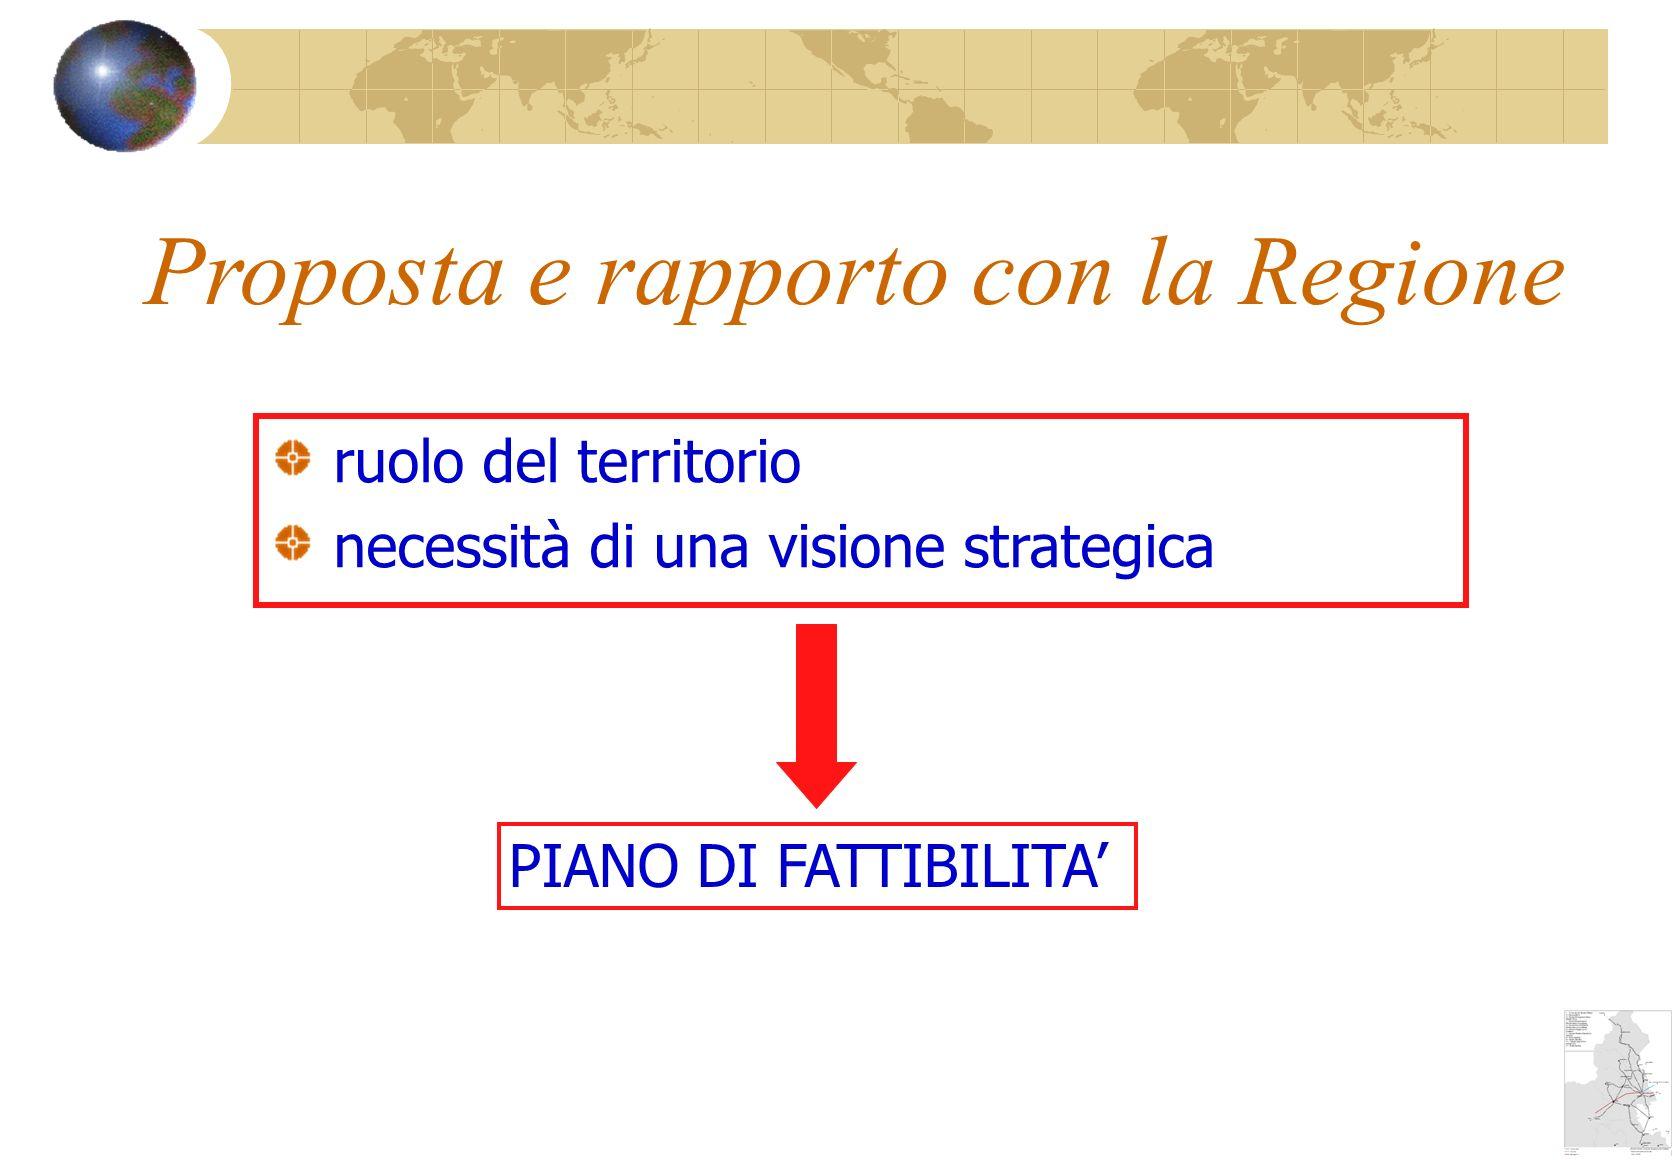 Proposta e rapporto con la Regione ruolo del territorio necessità di una visione strategica PIANO DI FATTIBILITA